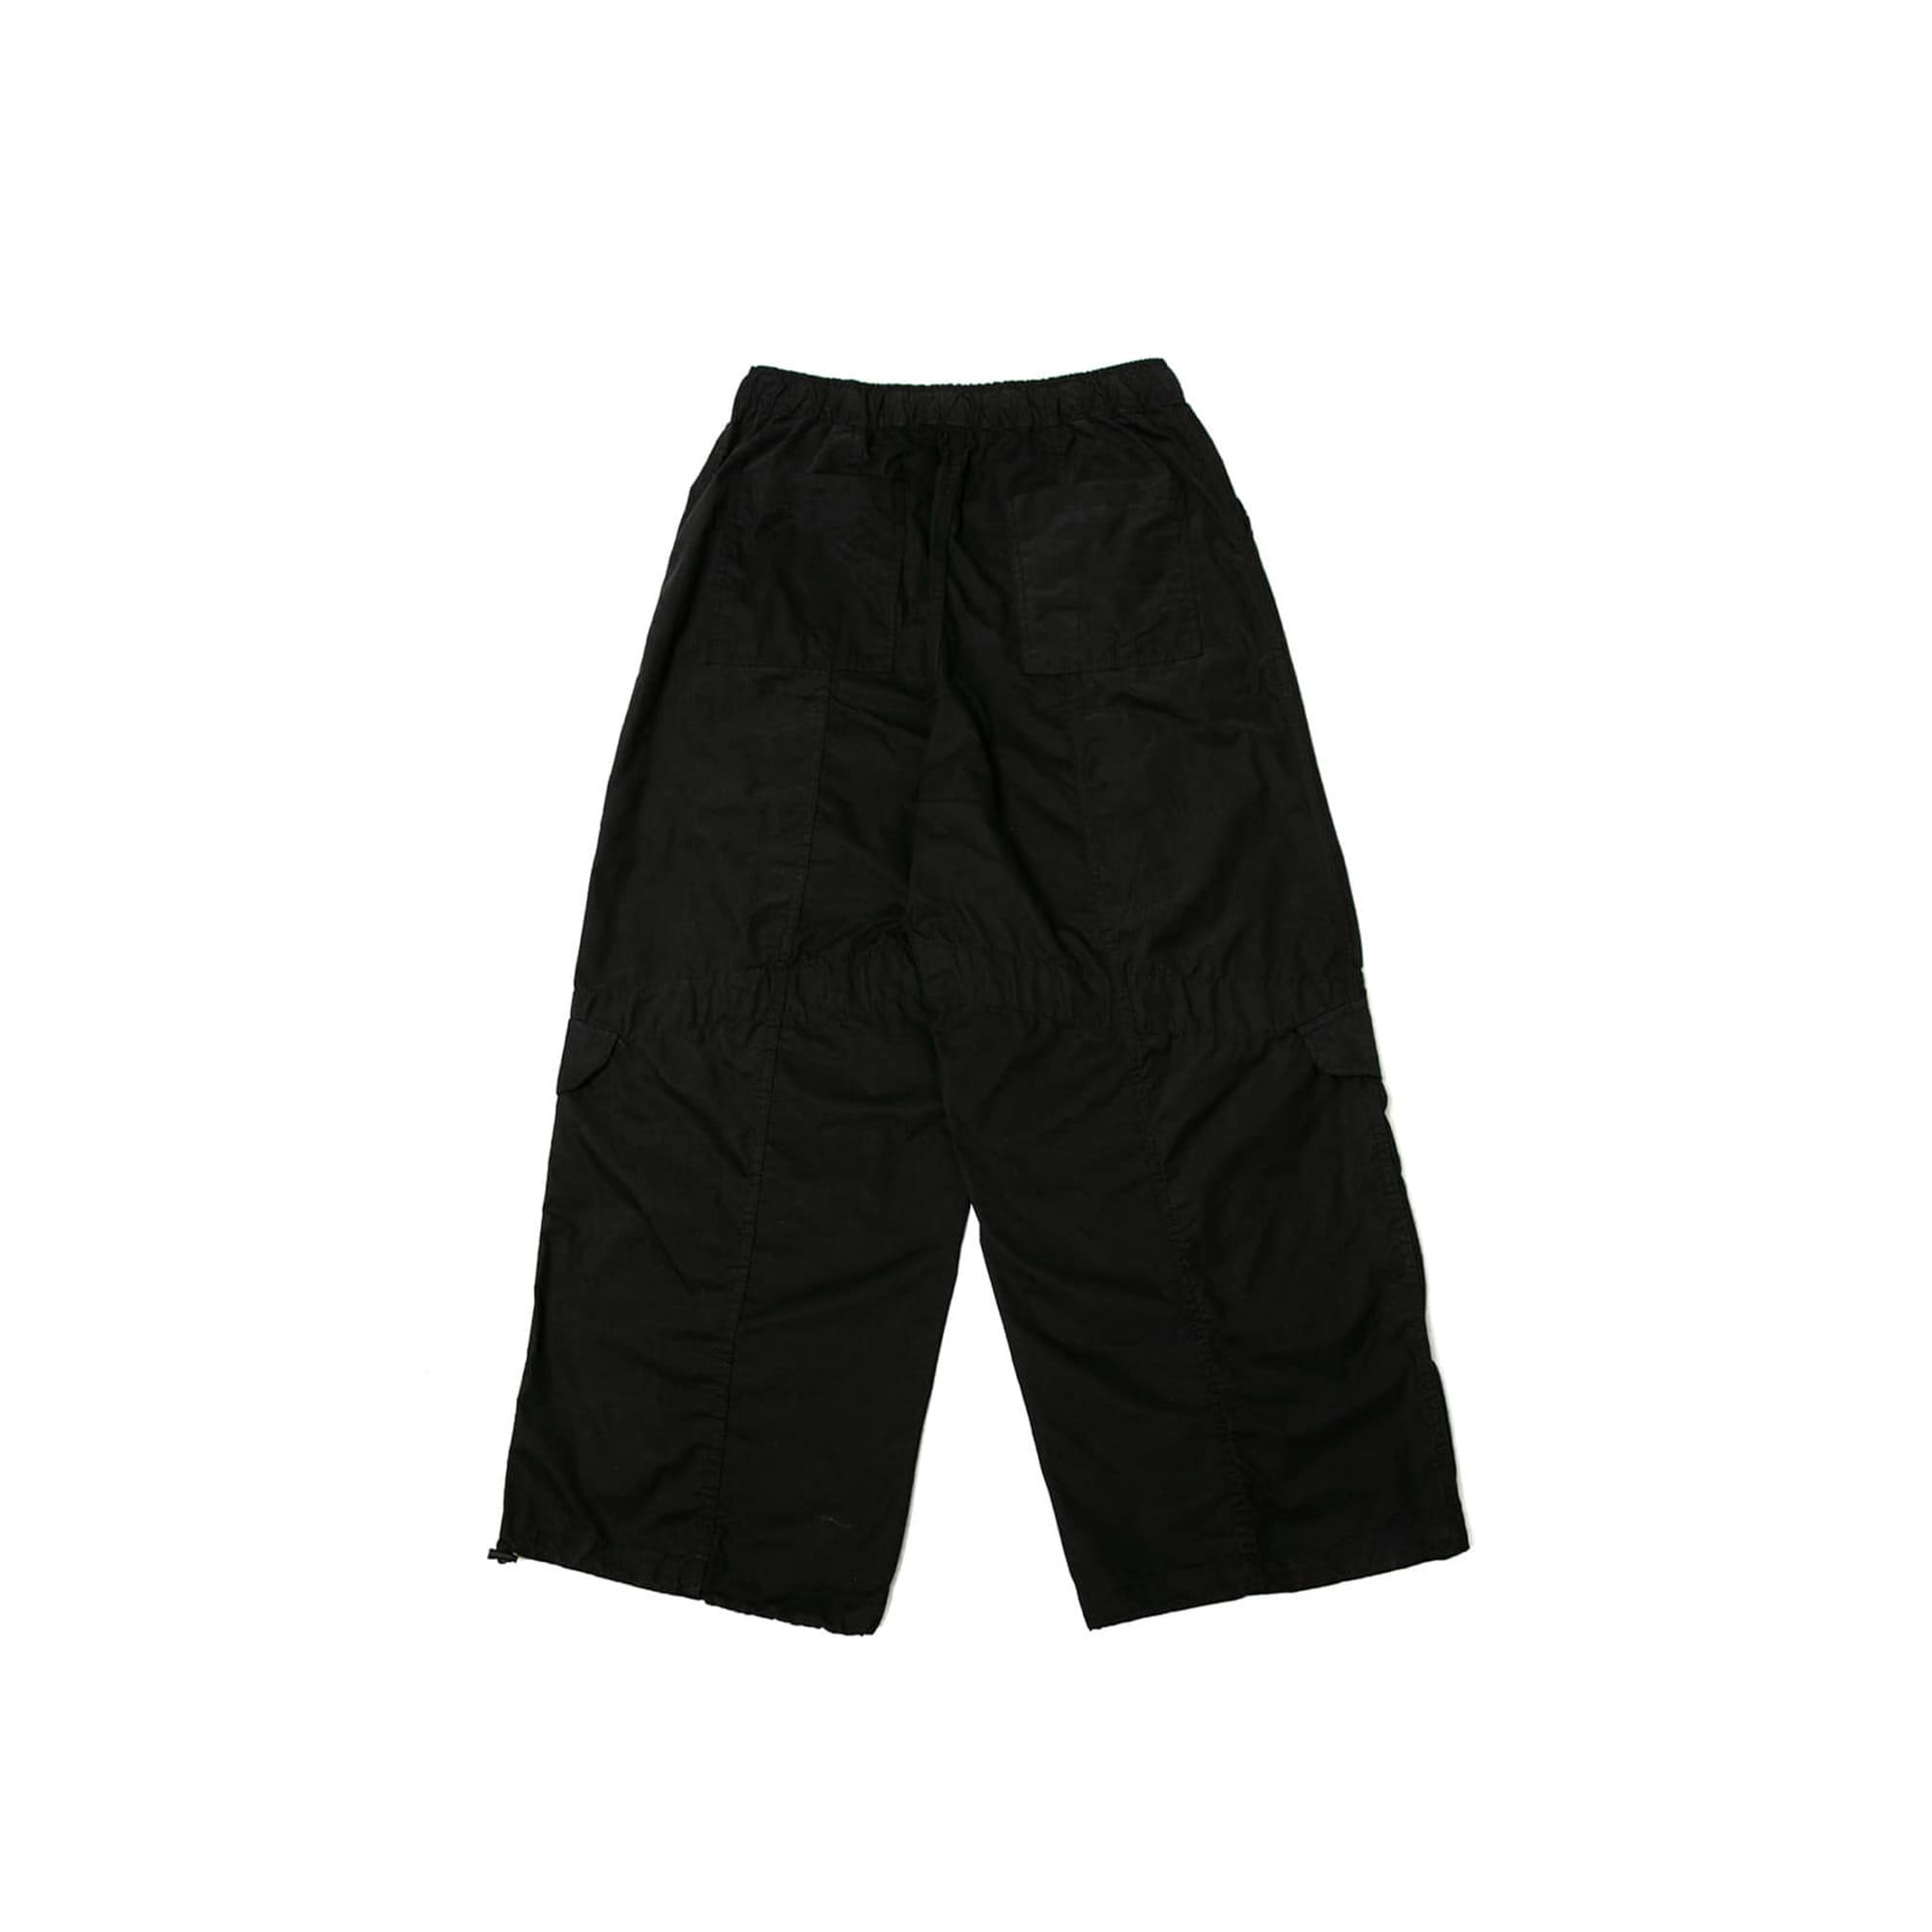 Belt Army Balloon Pants - Black